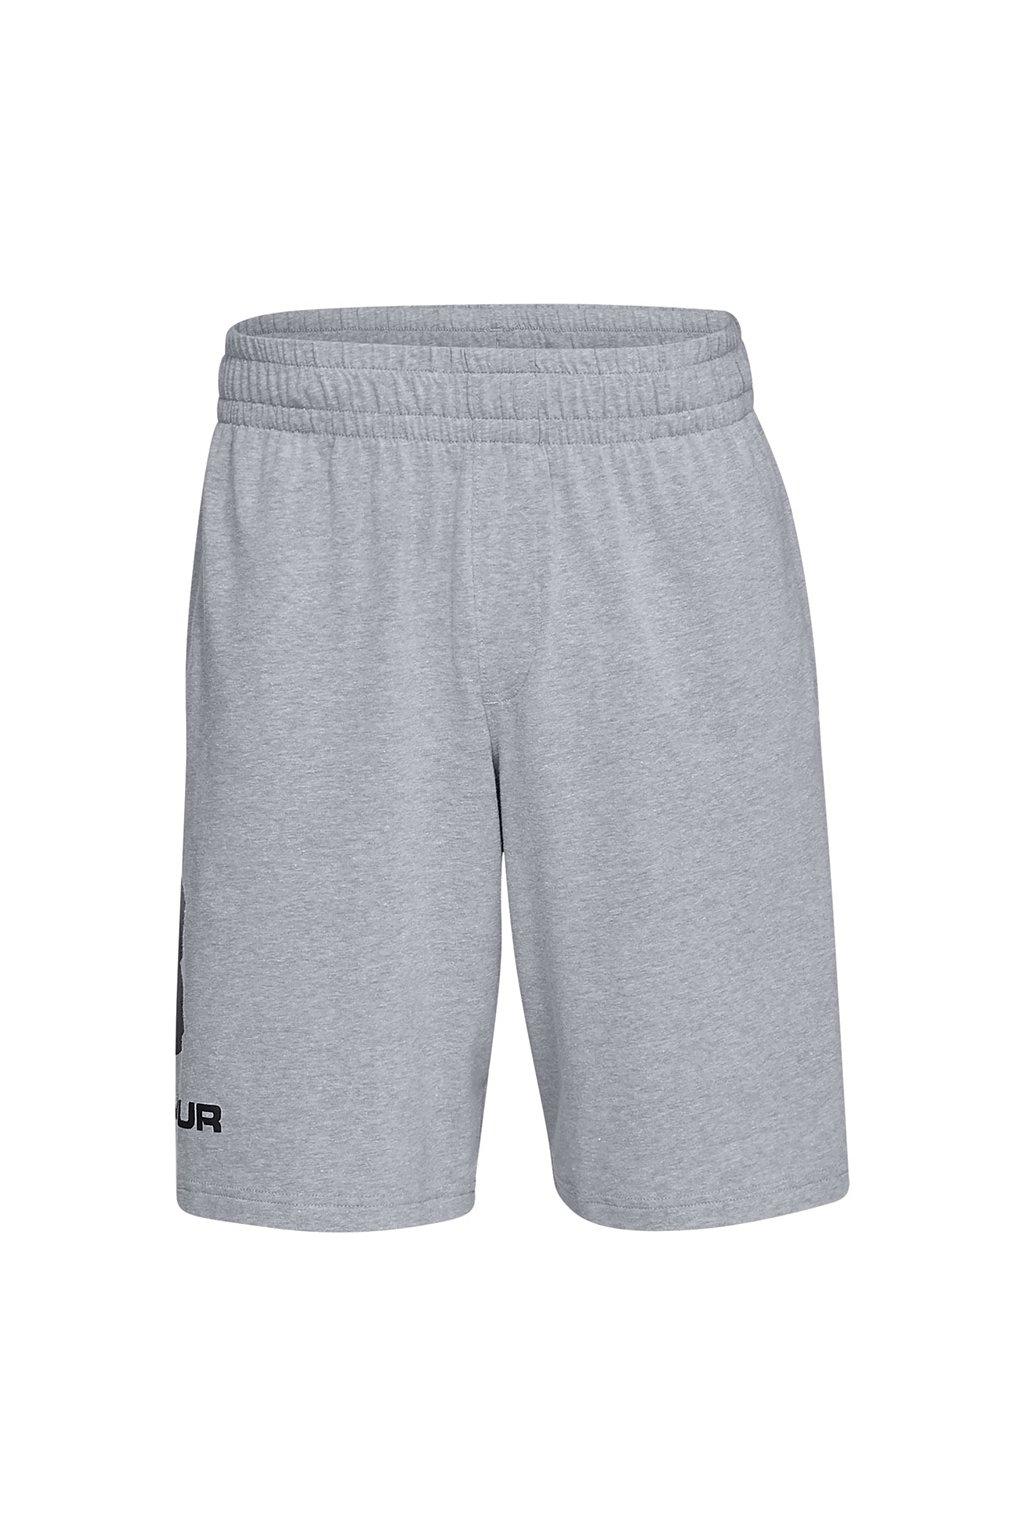 Pánske kraťasy Under Armour Sportstyle Cotton Logo sivé 1329300 035